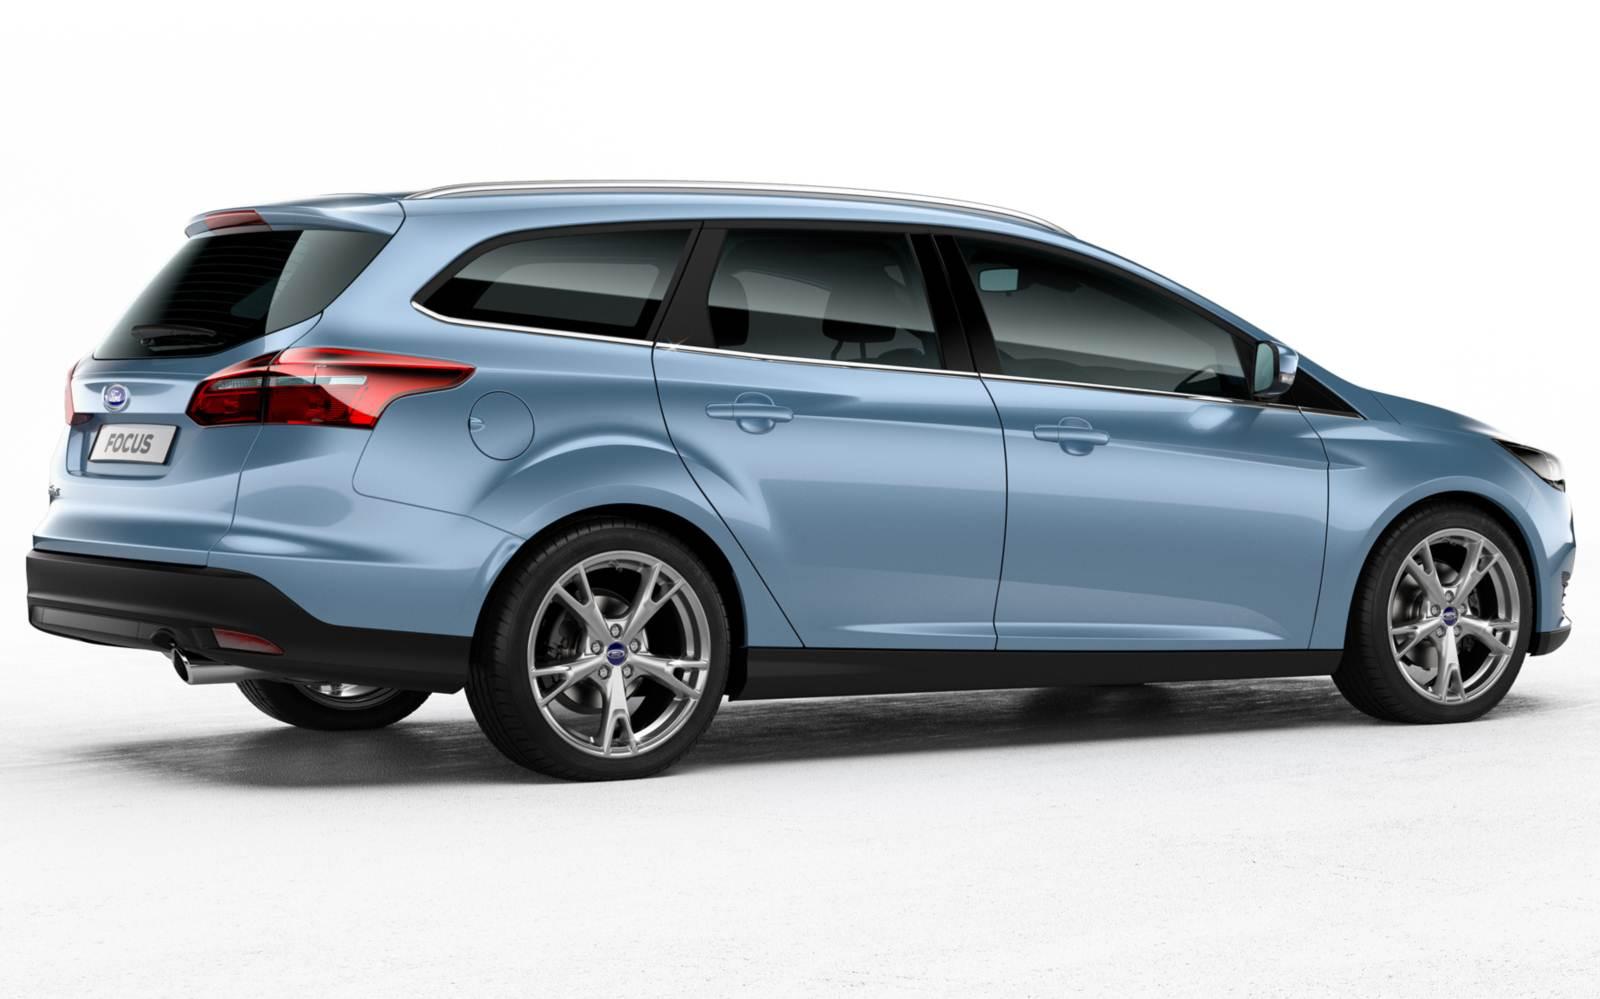 novo ford focus 2015 fotos oficiais do modelo com facelift car blog br. Black Bedroom Furniture Sets. Home Design Ideas